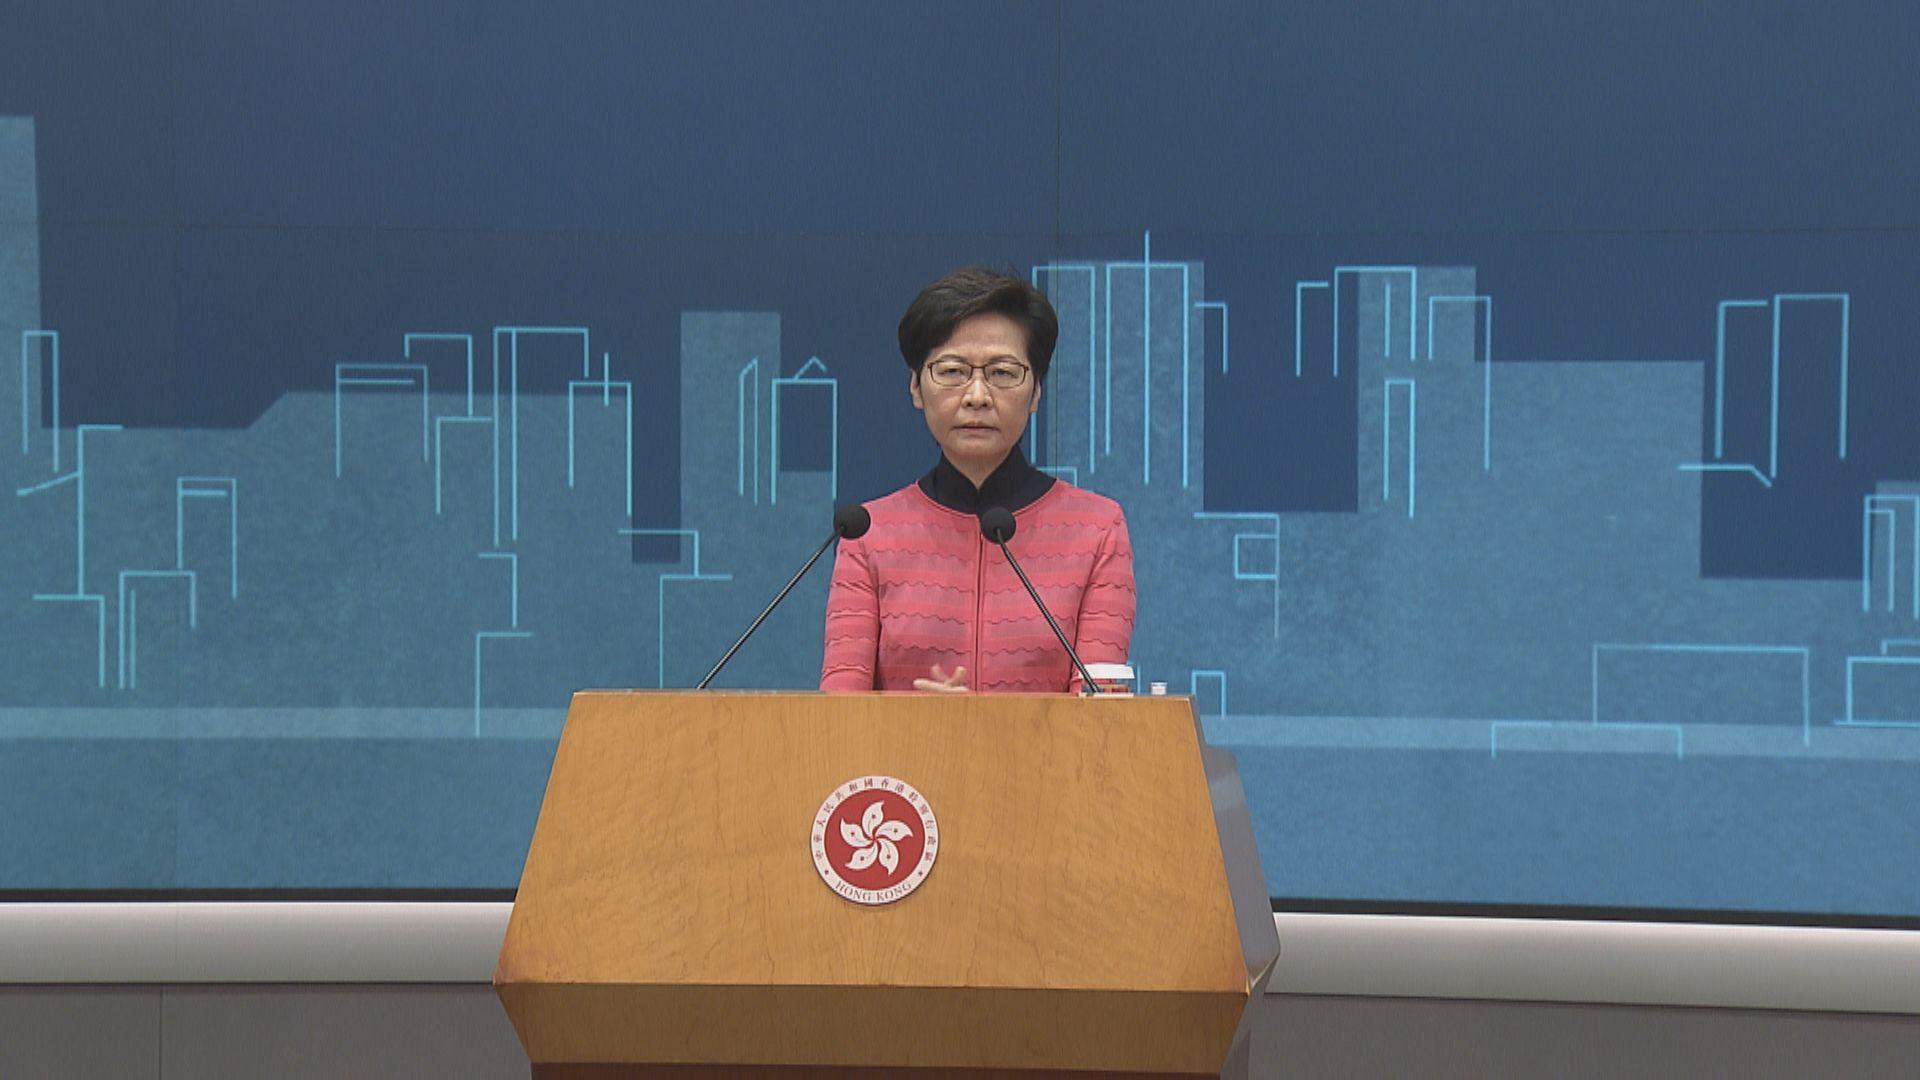 林鄭︰選委會點票問題相當嚴重 向候選人致歉